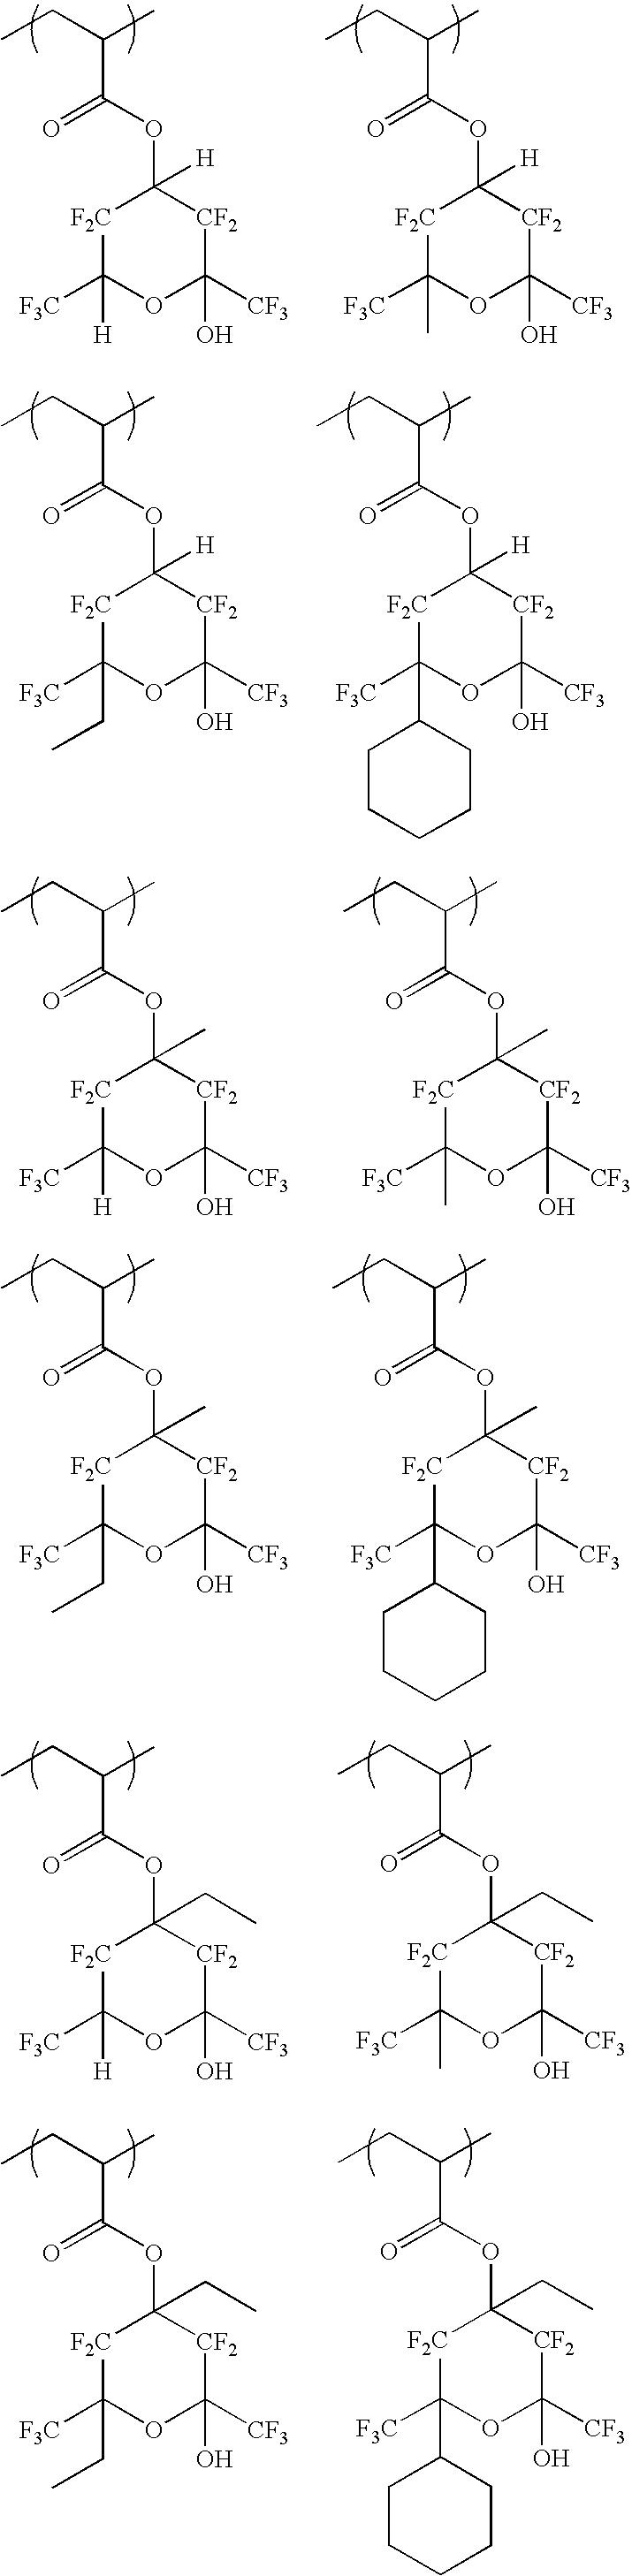 Figure US20060094817A1-20060504-C00027